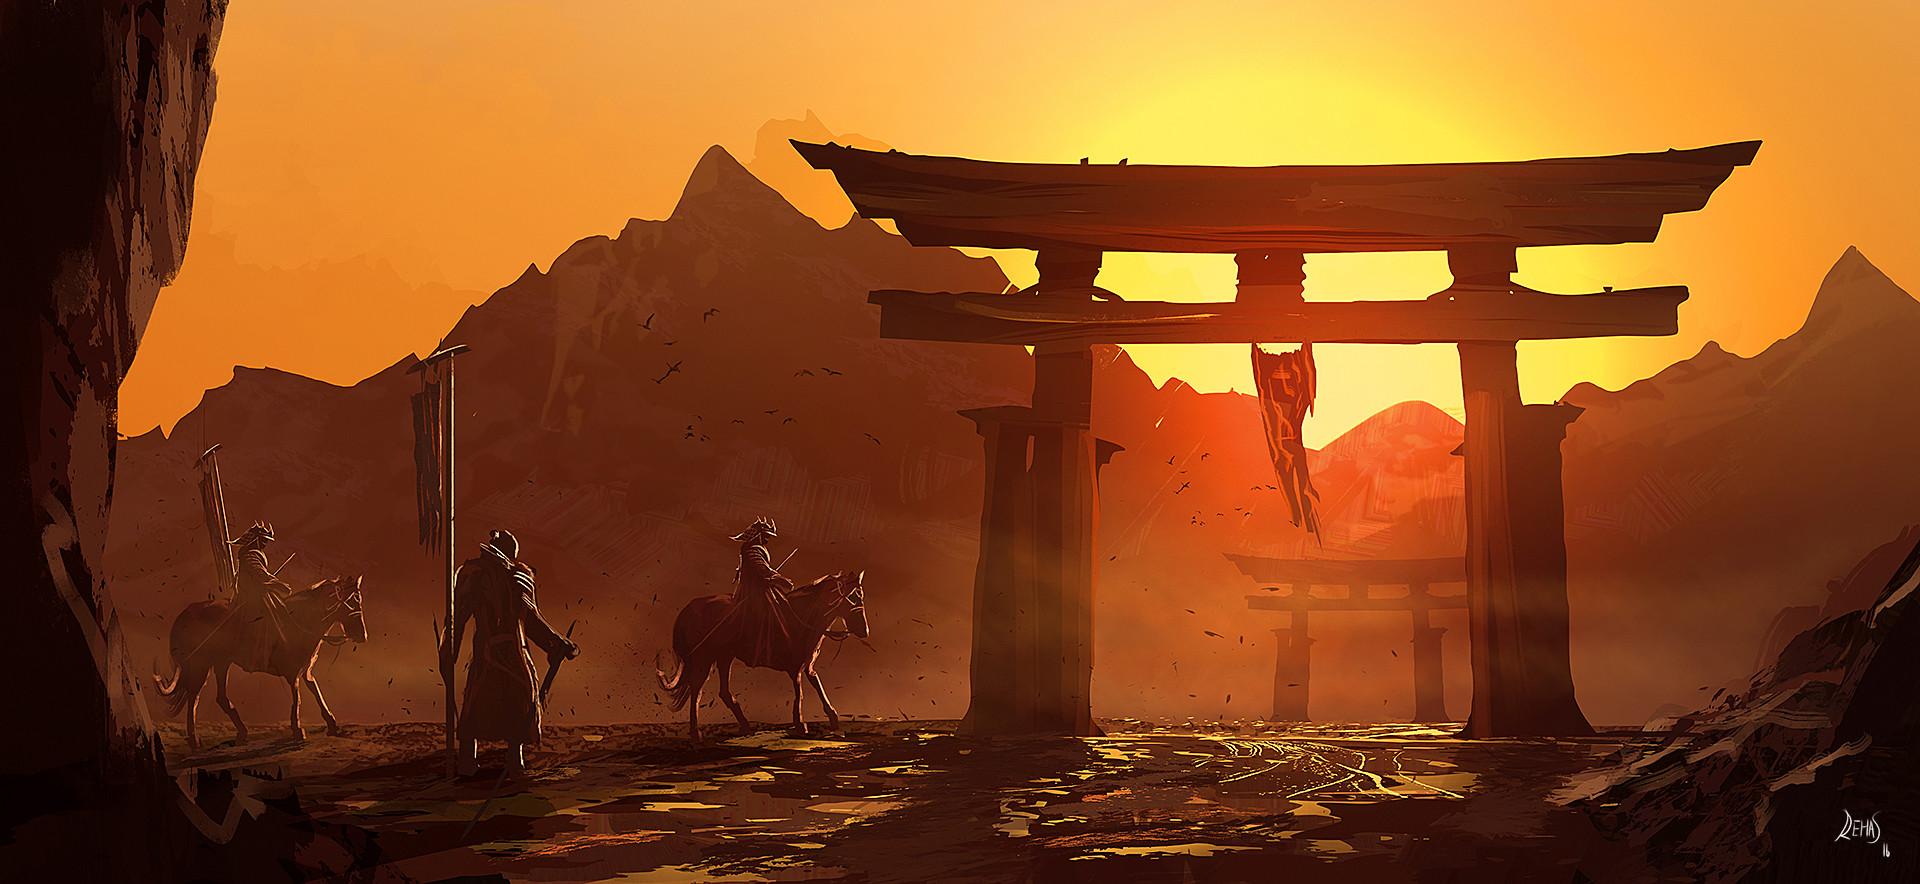 Reha sakar mounted samurai 1080